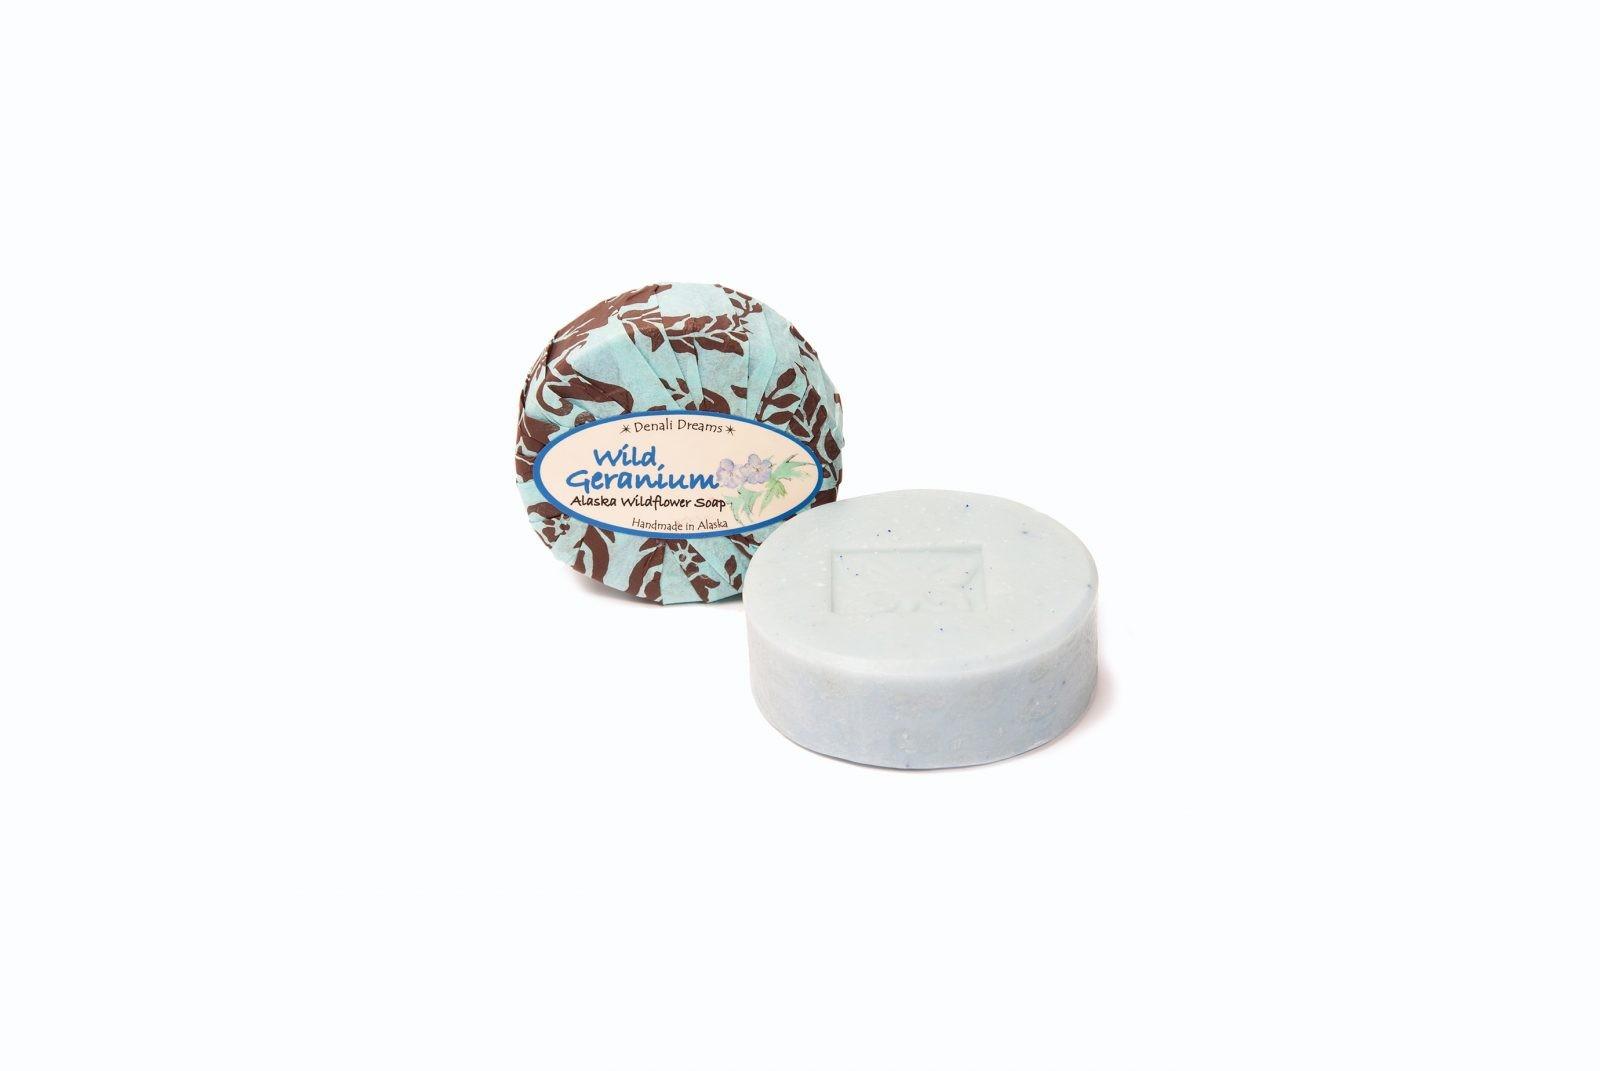 loveditinalaska.com   Wild Geranium Soap